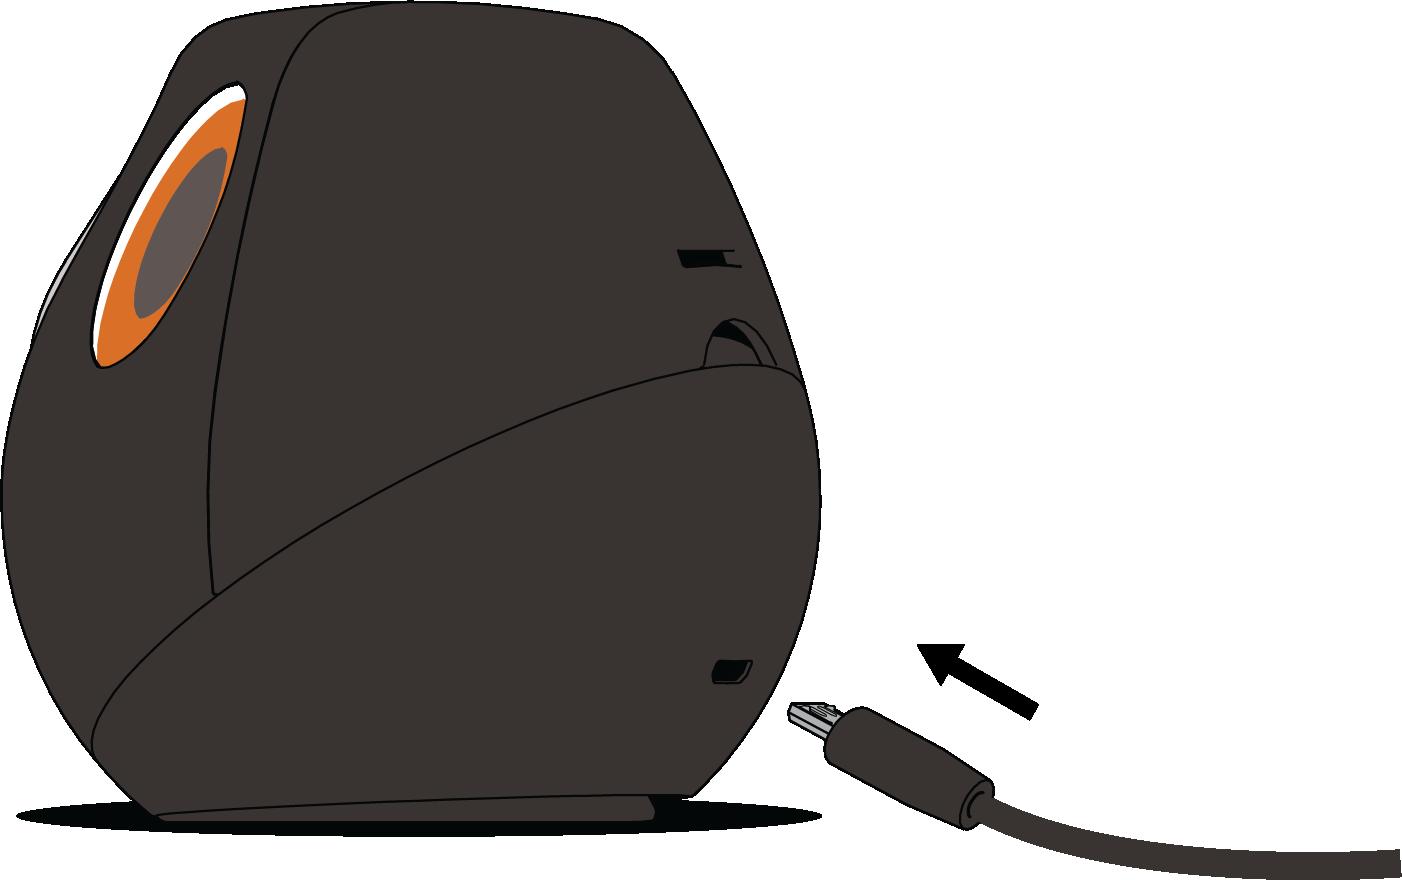 4. Comment insérer le câble USB